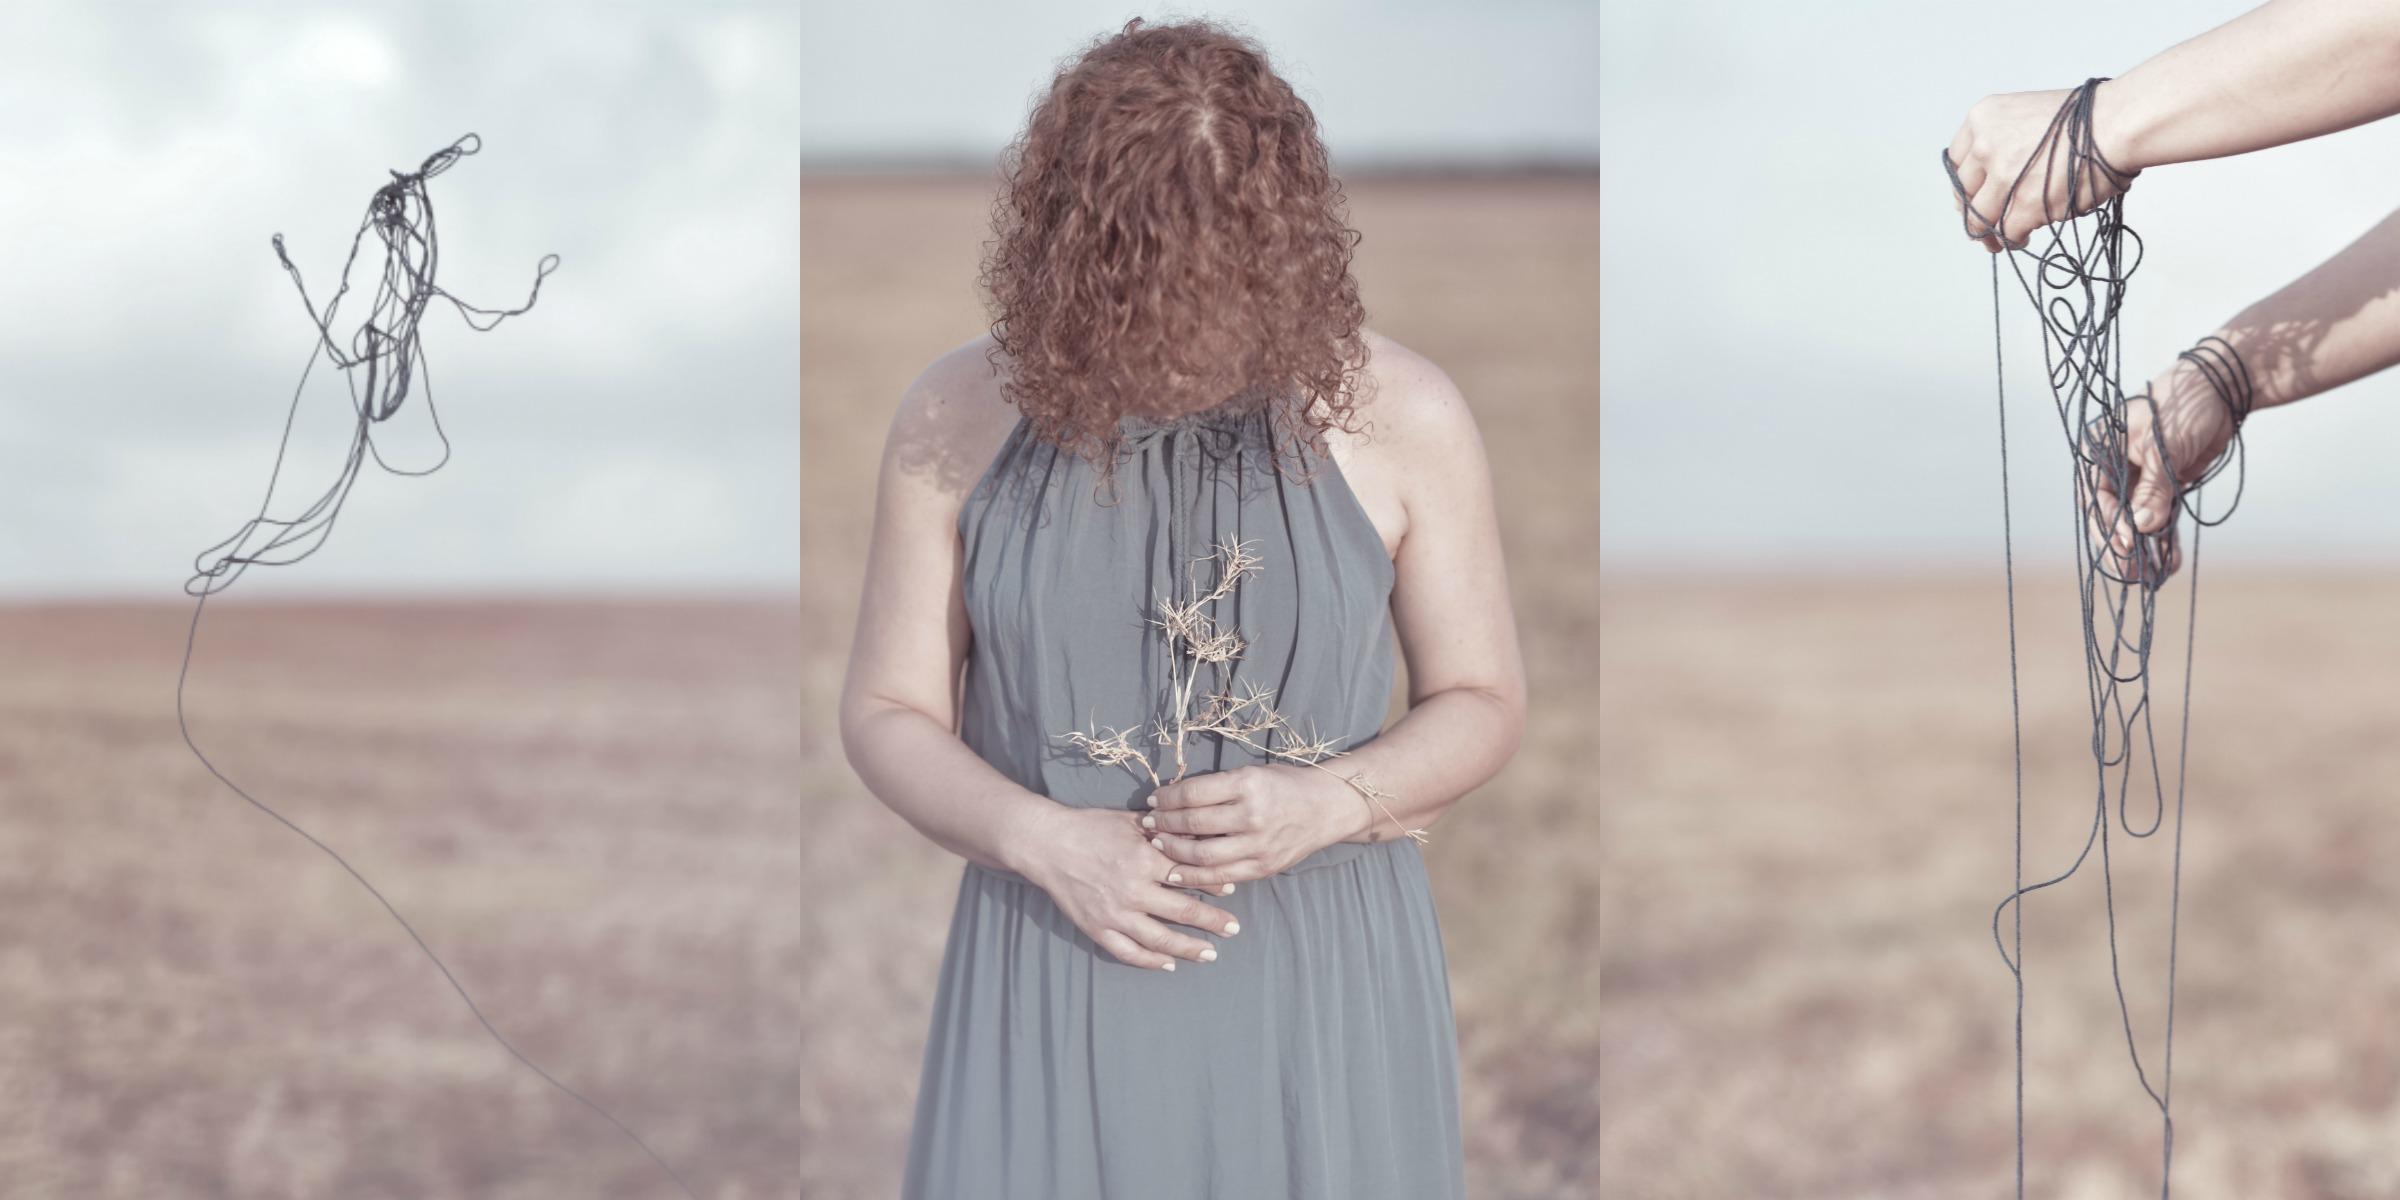 אישה עם קוצים בשדה יבש וחוטי צמר כחולים. מתוך הפוסט - חיבוק של אדמה מהבלוג של תמרי סלונים ליבס tamariandme.com צילום : טלי רצקר